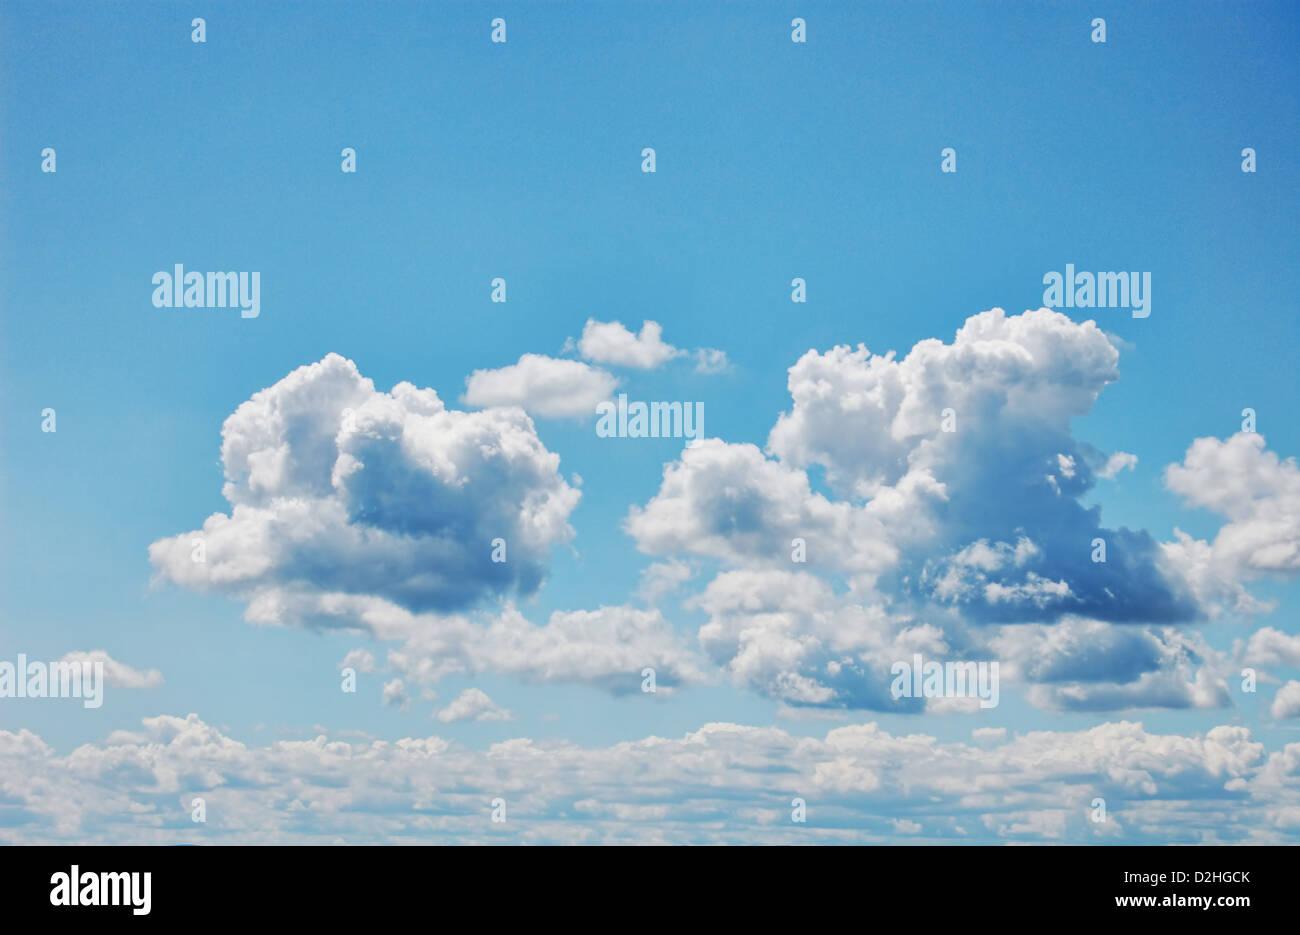 Blauer Himmel mit flauschige weiße Wolken. Breitformat. Fotografische Bild. Stockbild